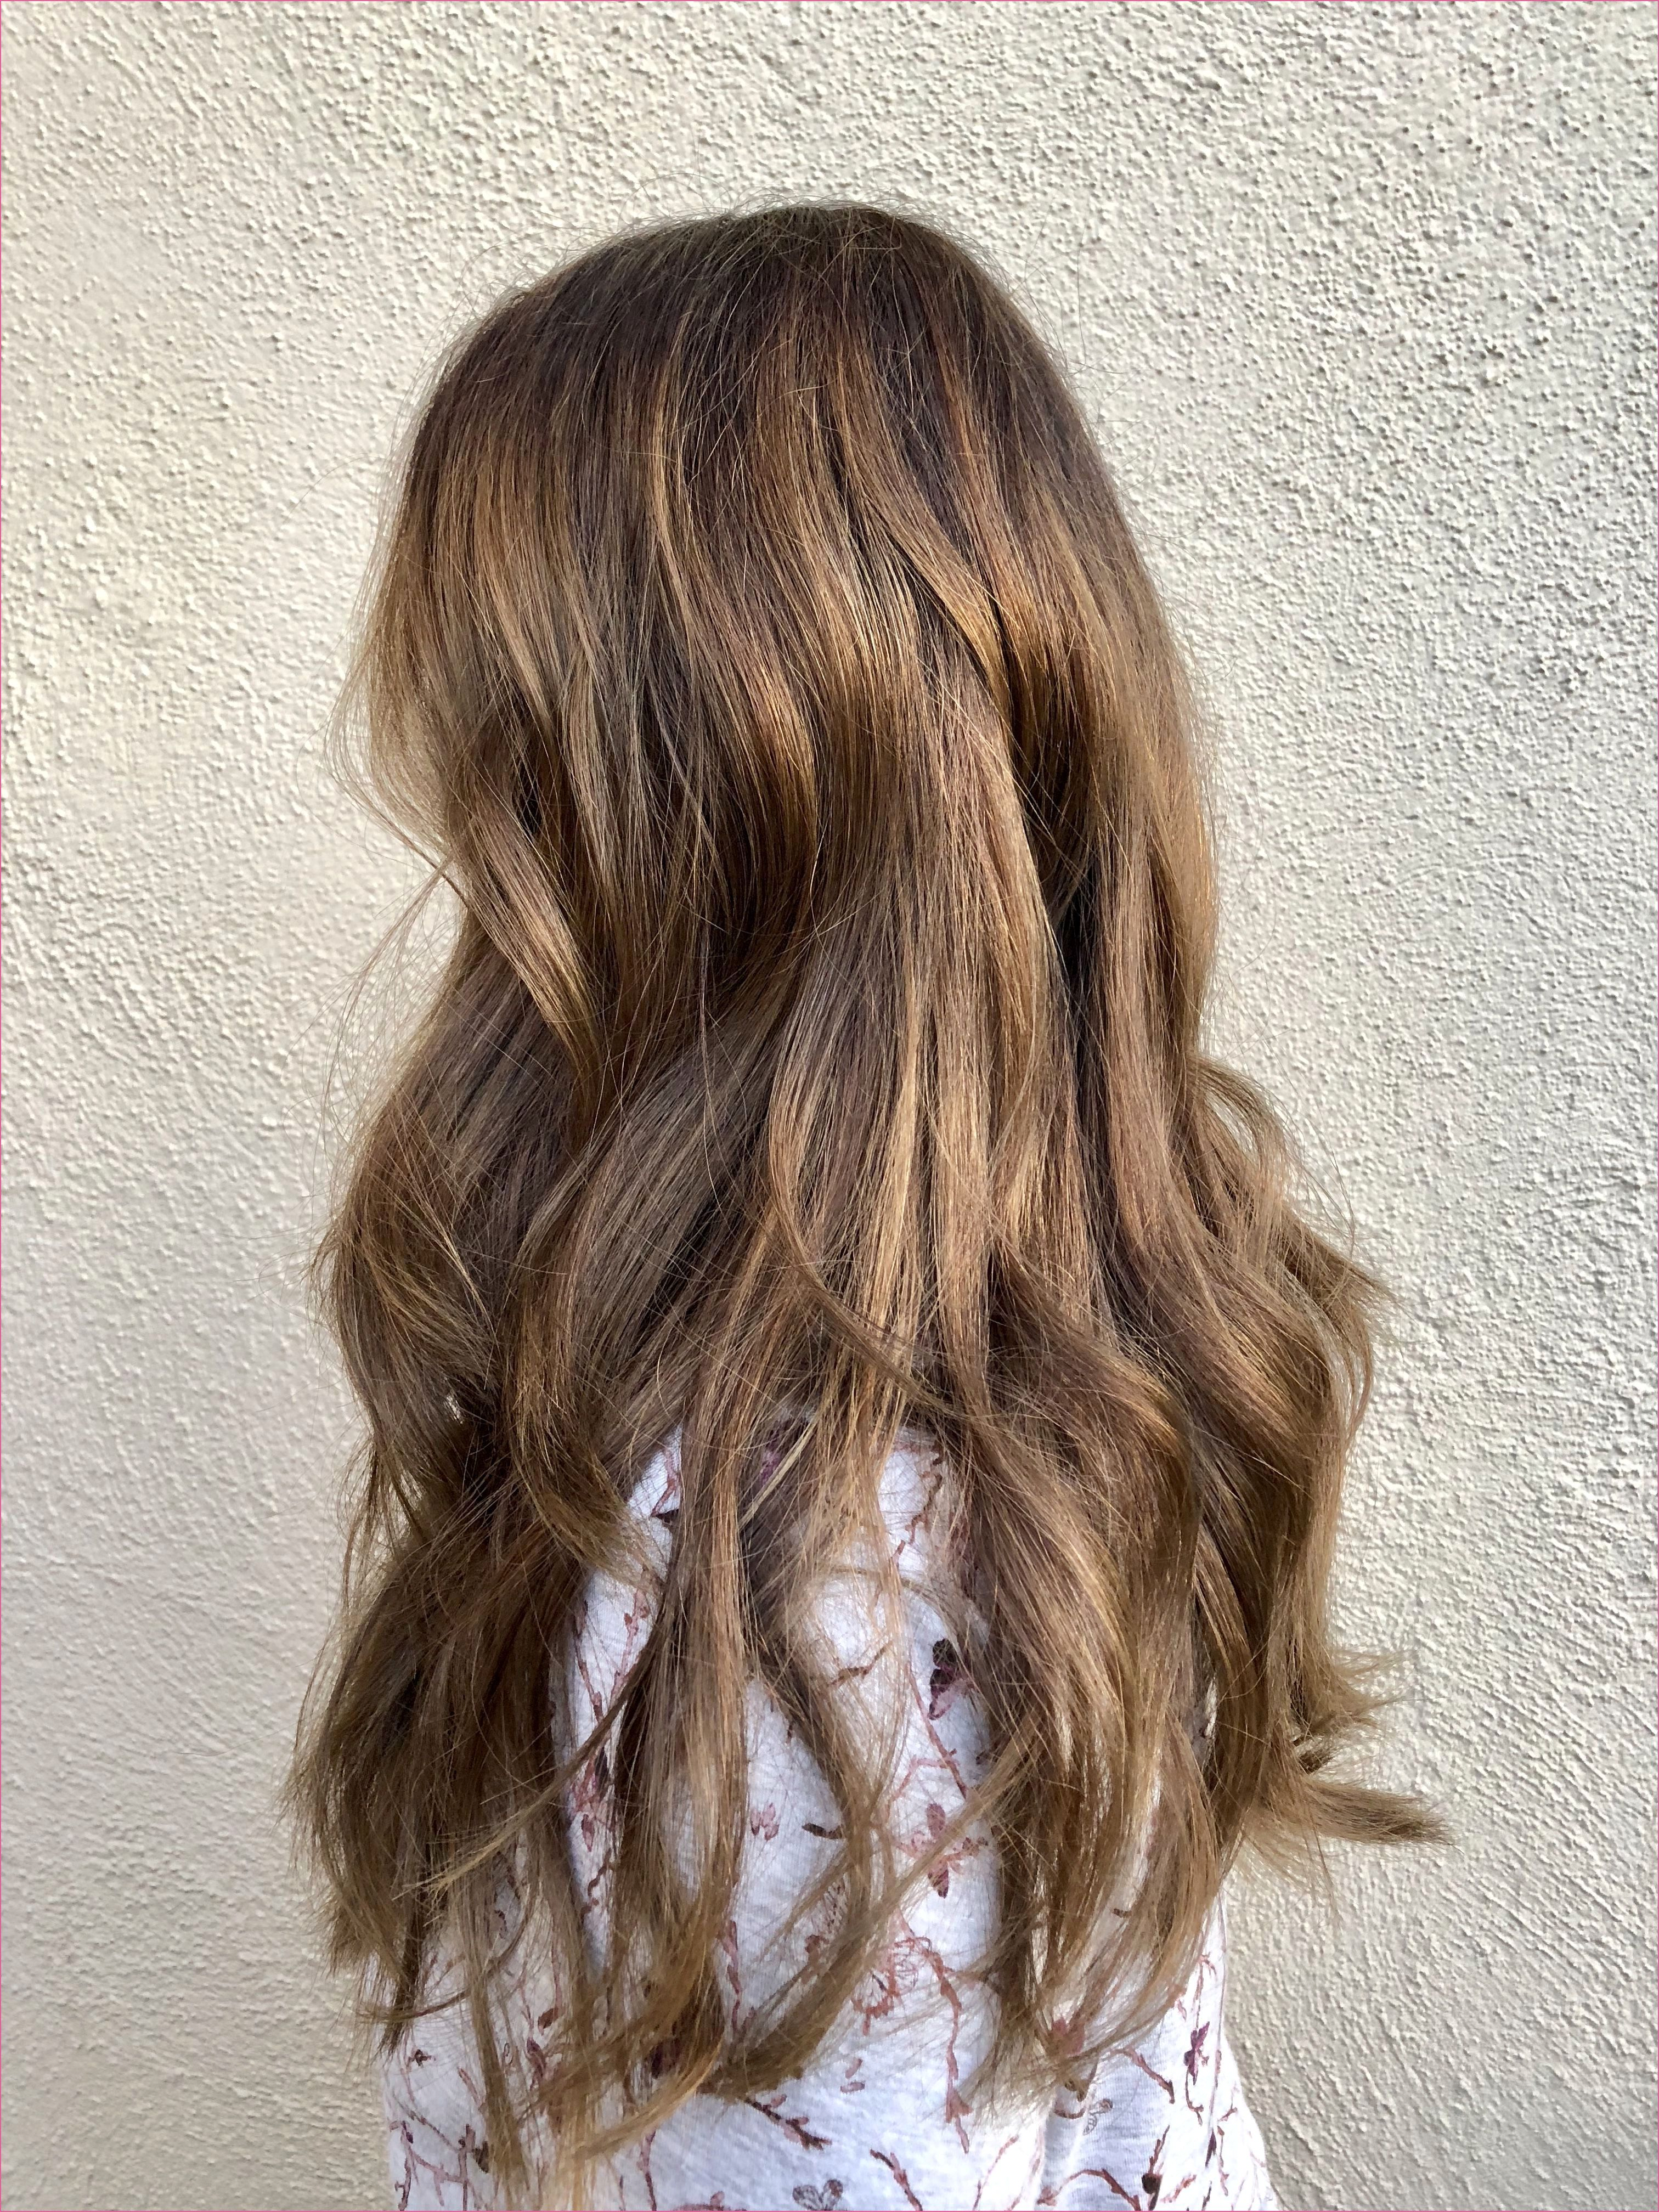 Haarfarben 2016 Braun in 2020 | Haarfarben, Haarfarbe